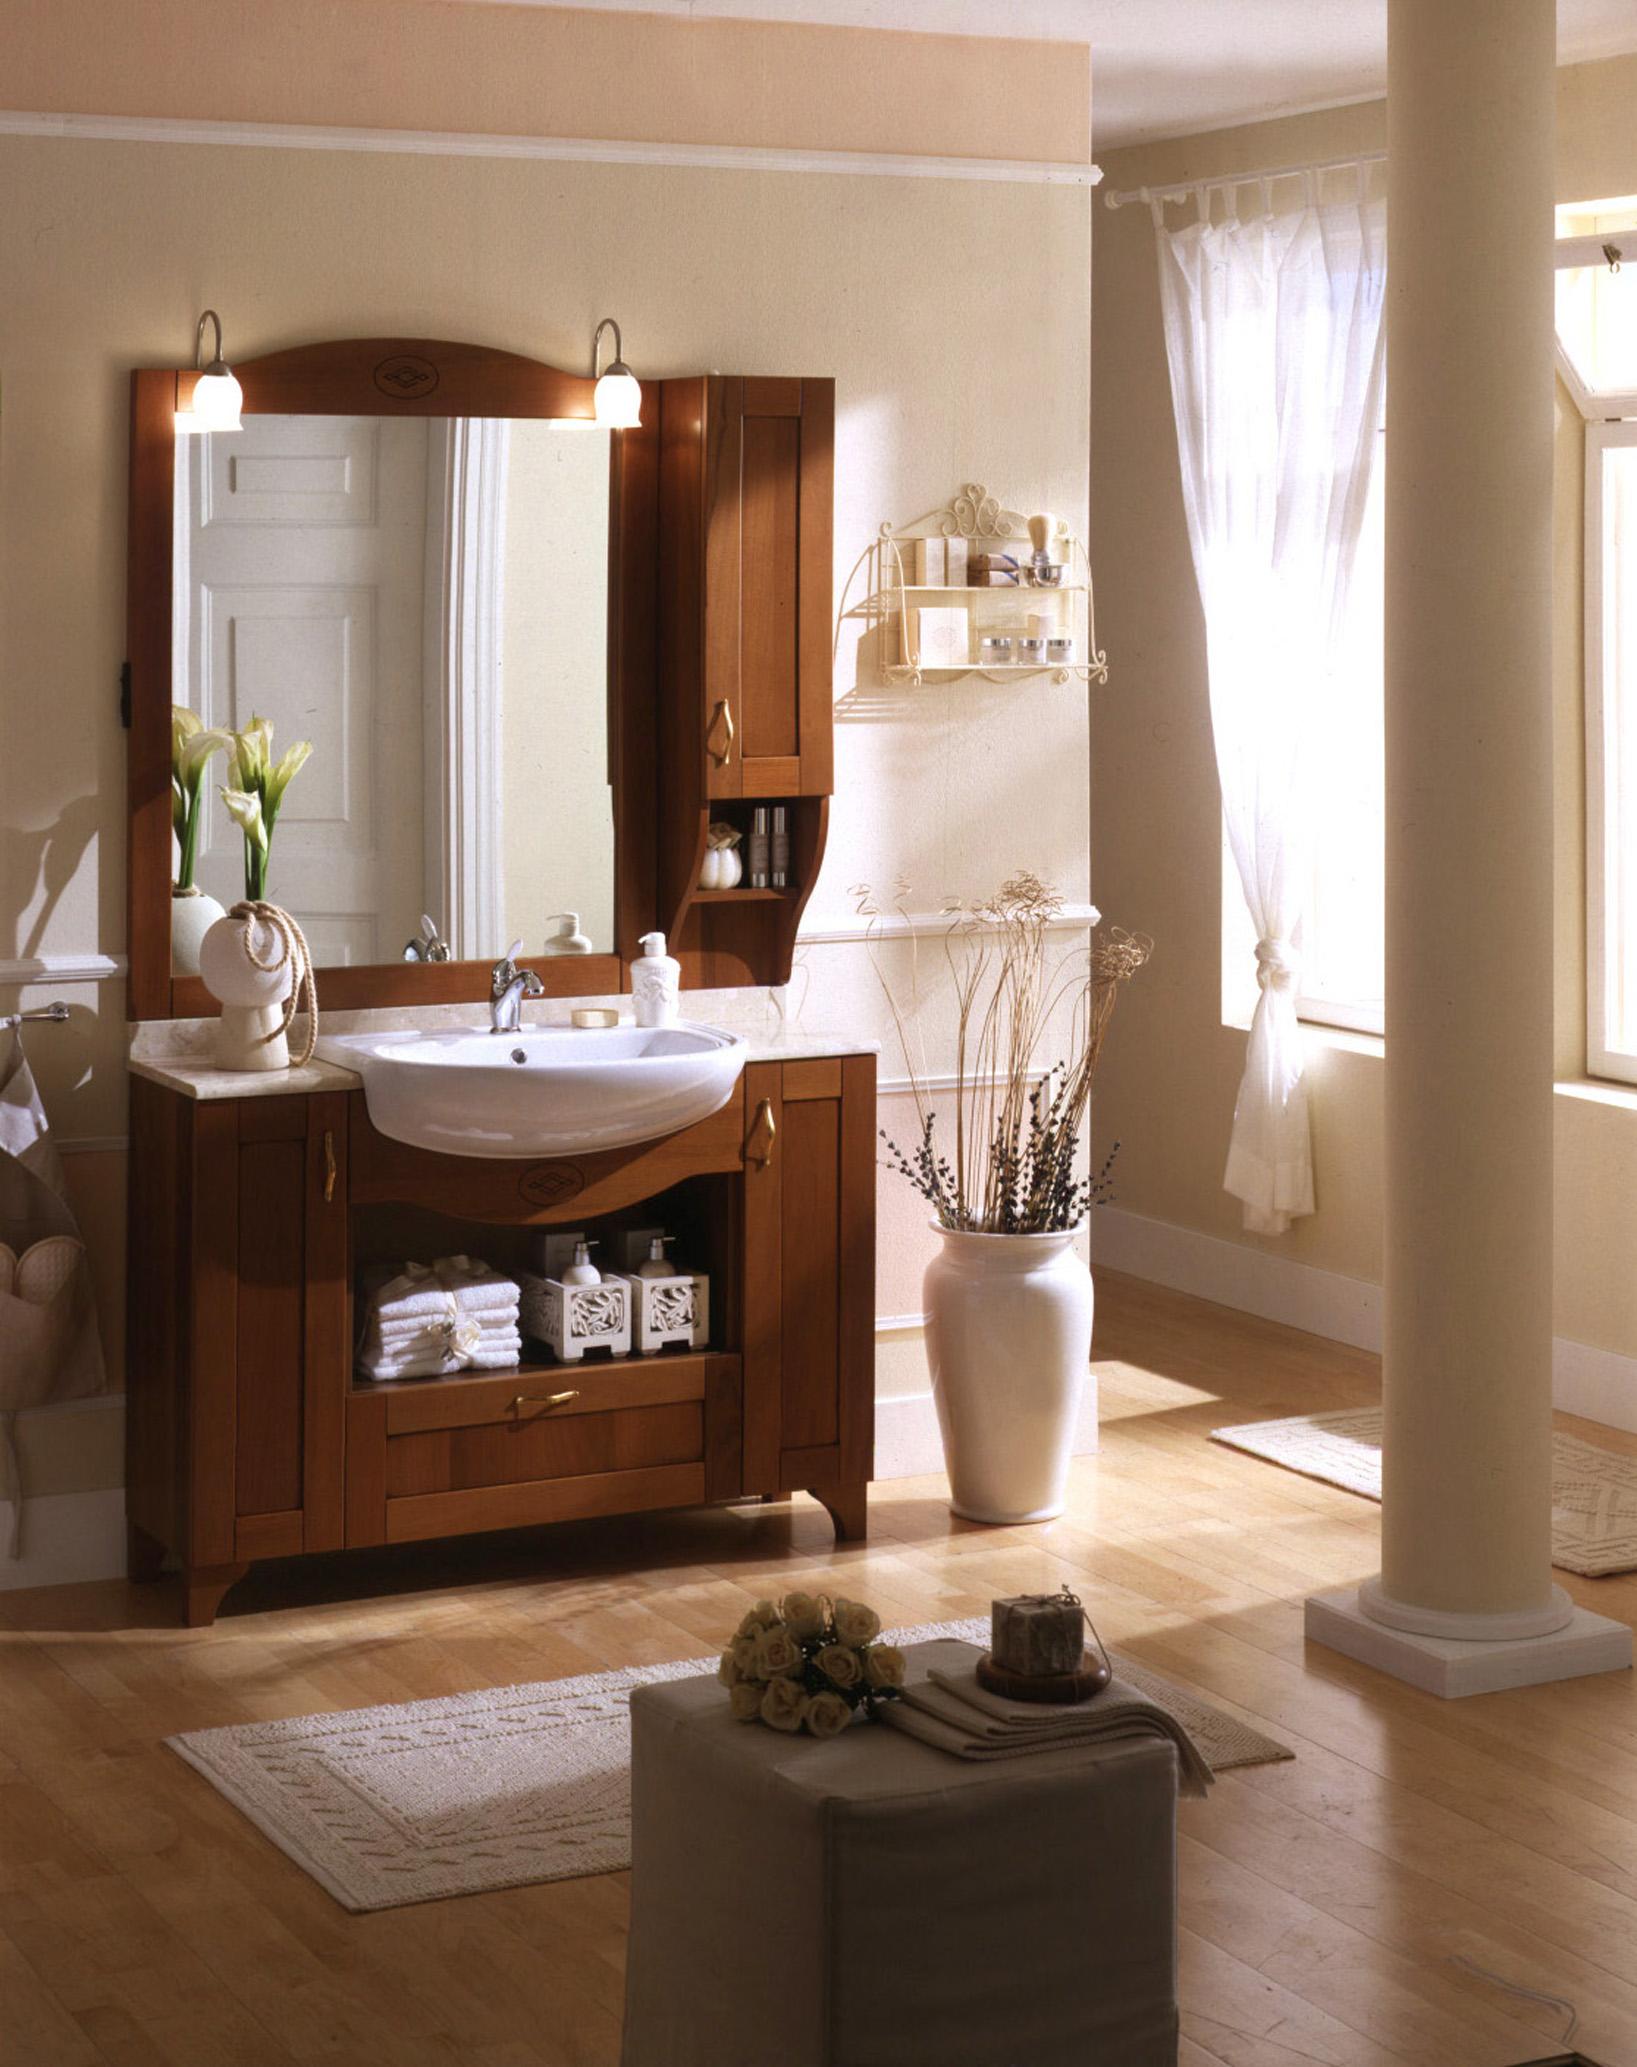 Arredo bagno di pentima mobili - Arredo bagno stile classico ...